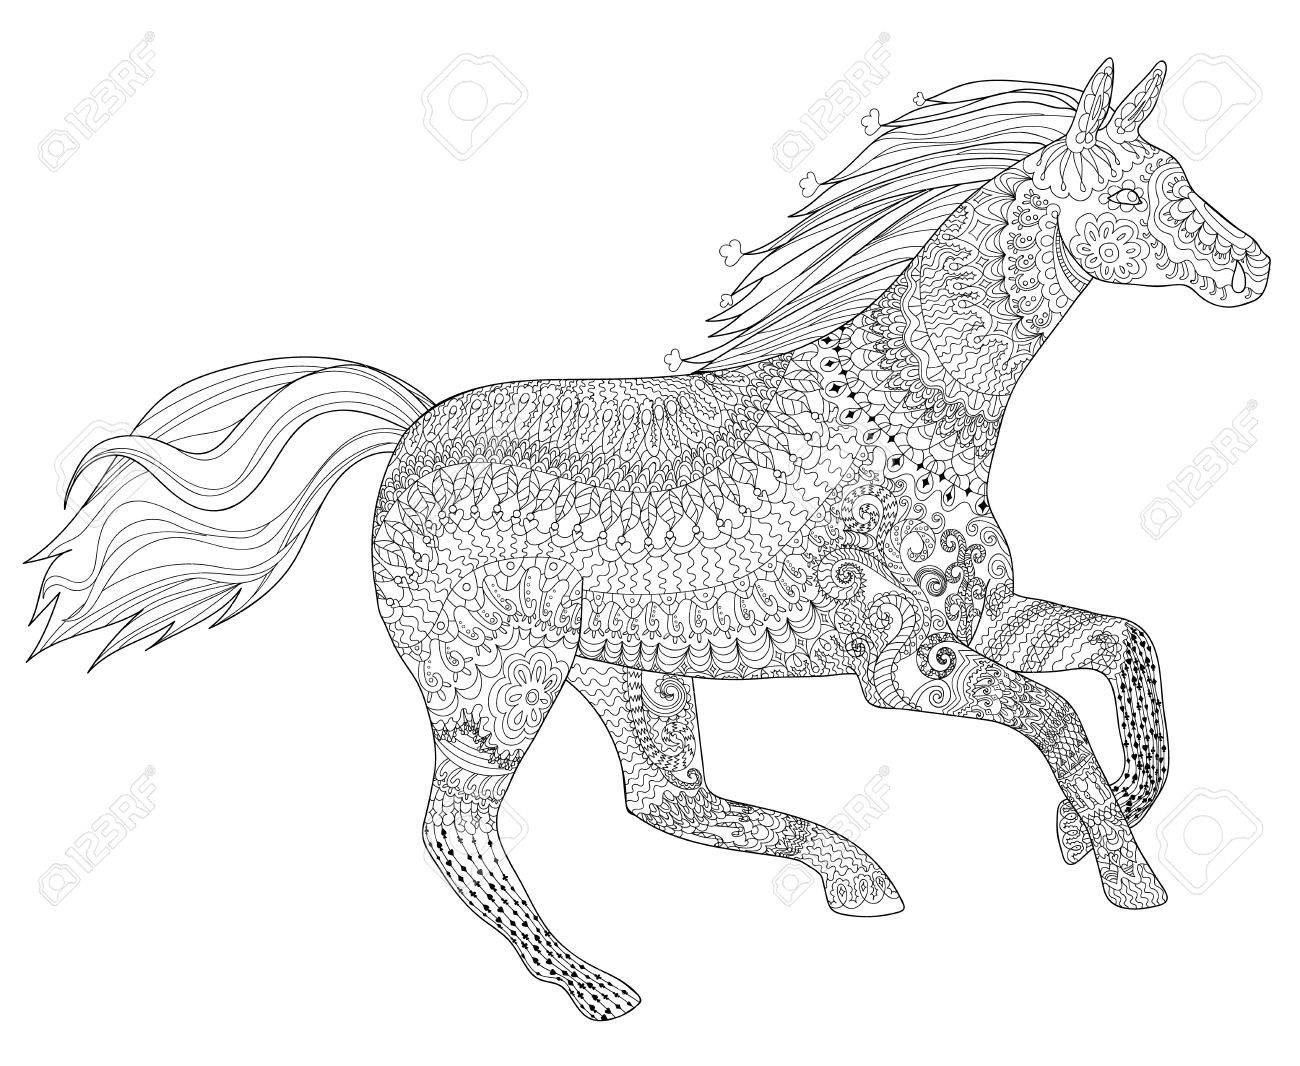 kleurplaten volwassenen paarden